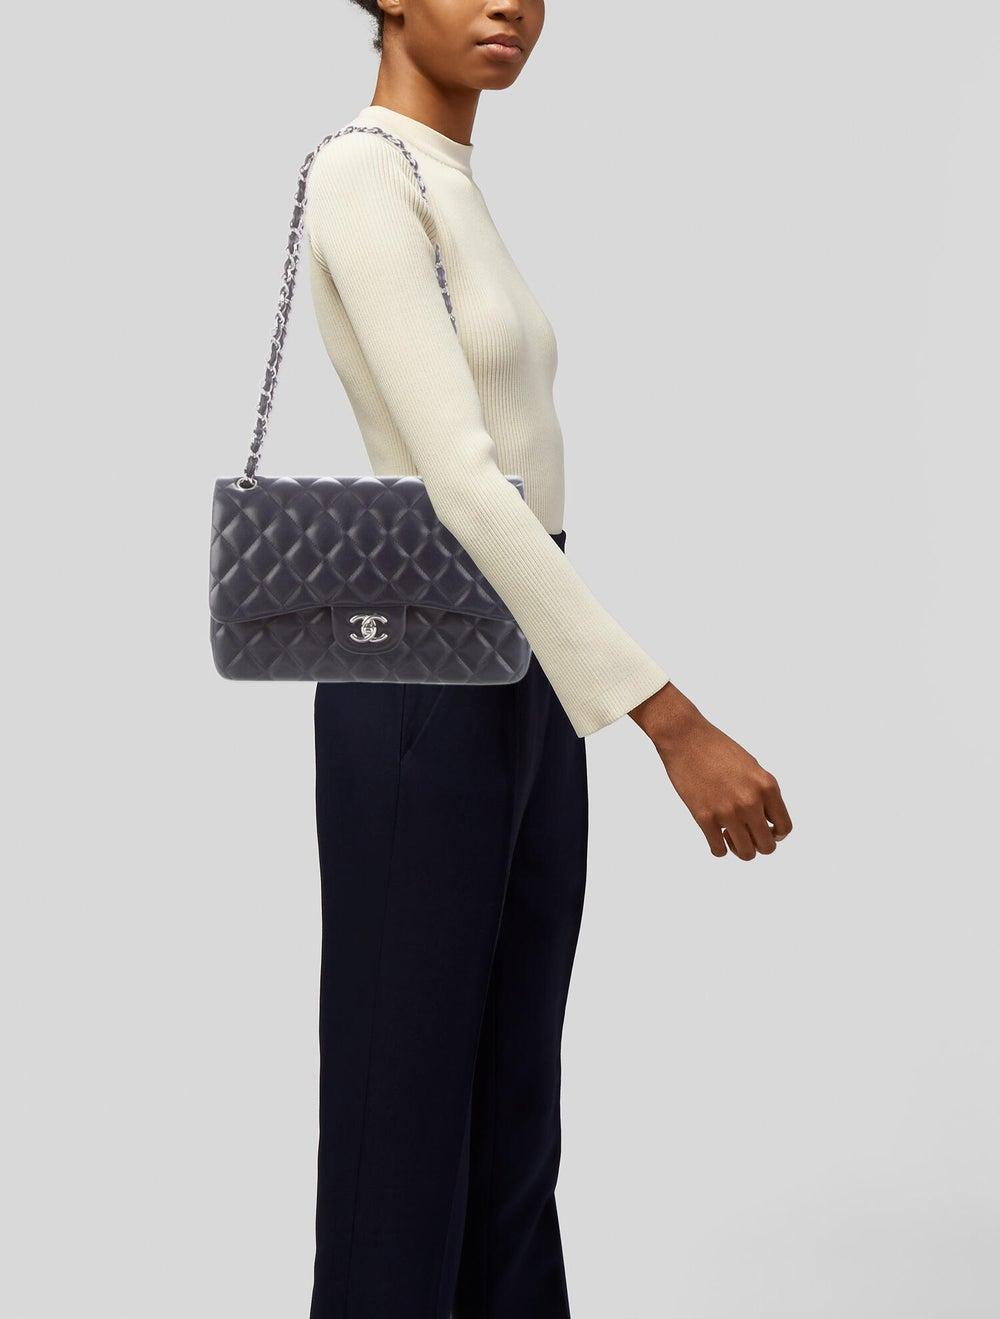 Chanel Classic Jumbo Double Flap Bag Navy - image 2